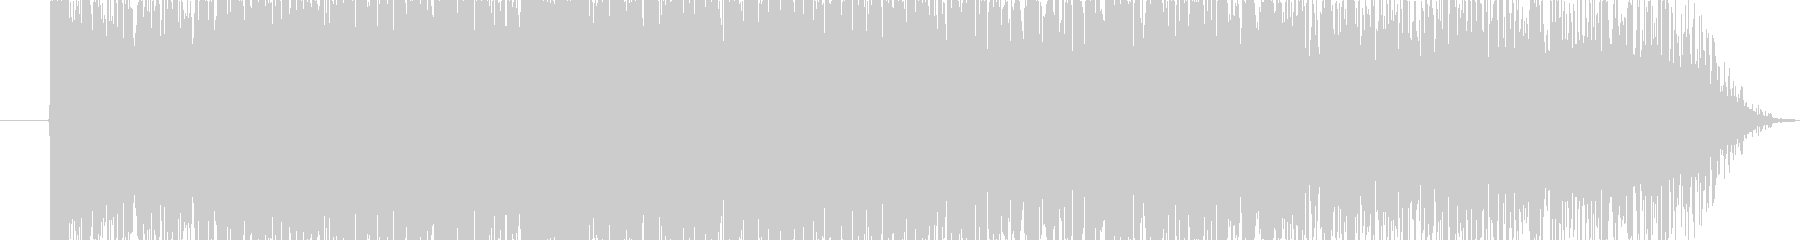 揚げ物の音(勢いよく揚げている)の未再生の波形